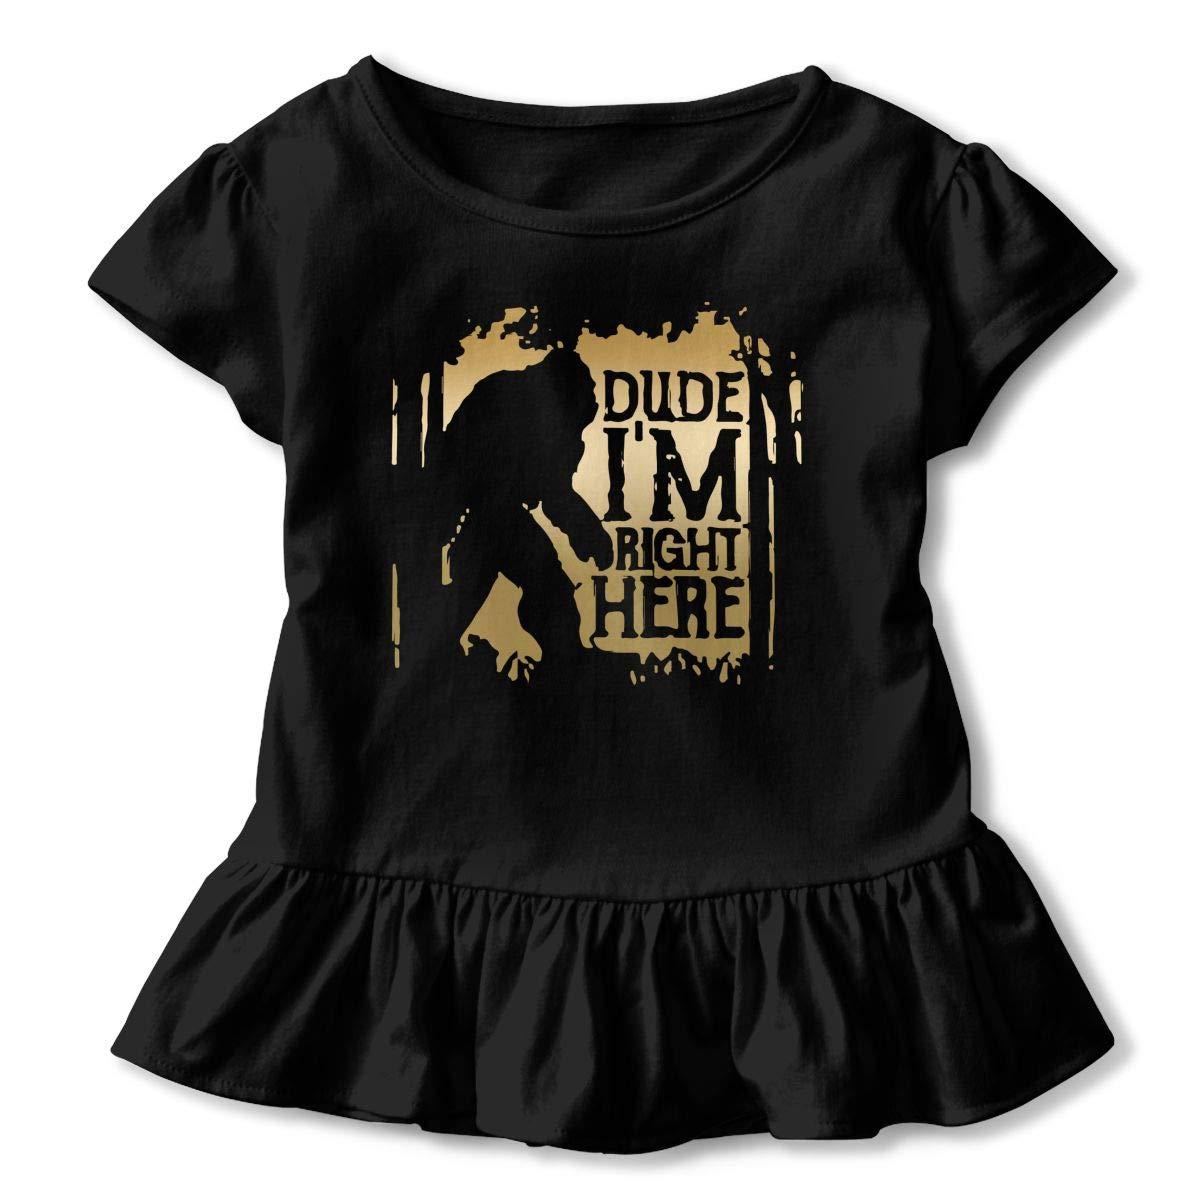 Clarissa Bertha Bigfoot Sasquatch Dude Im Right Here Toddler Baby Girls Short Sleeve Ruffle T-Shirt